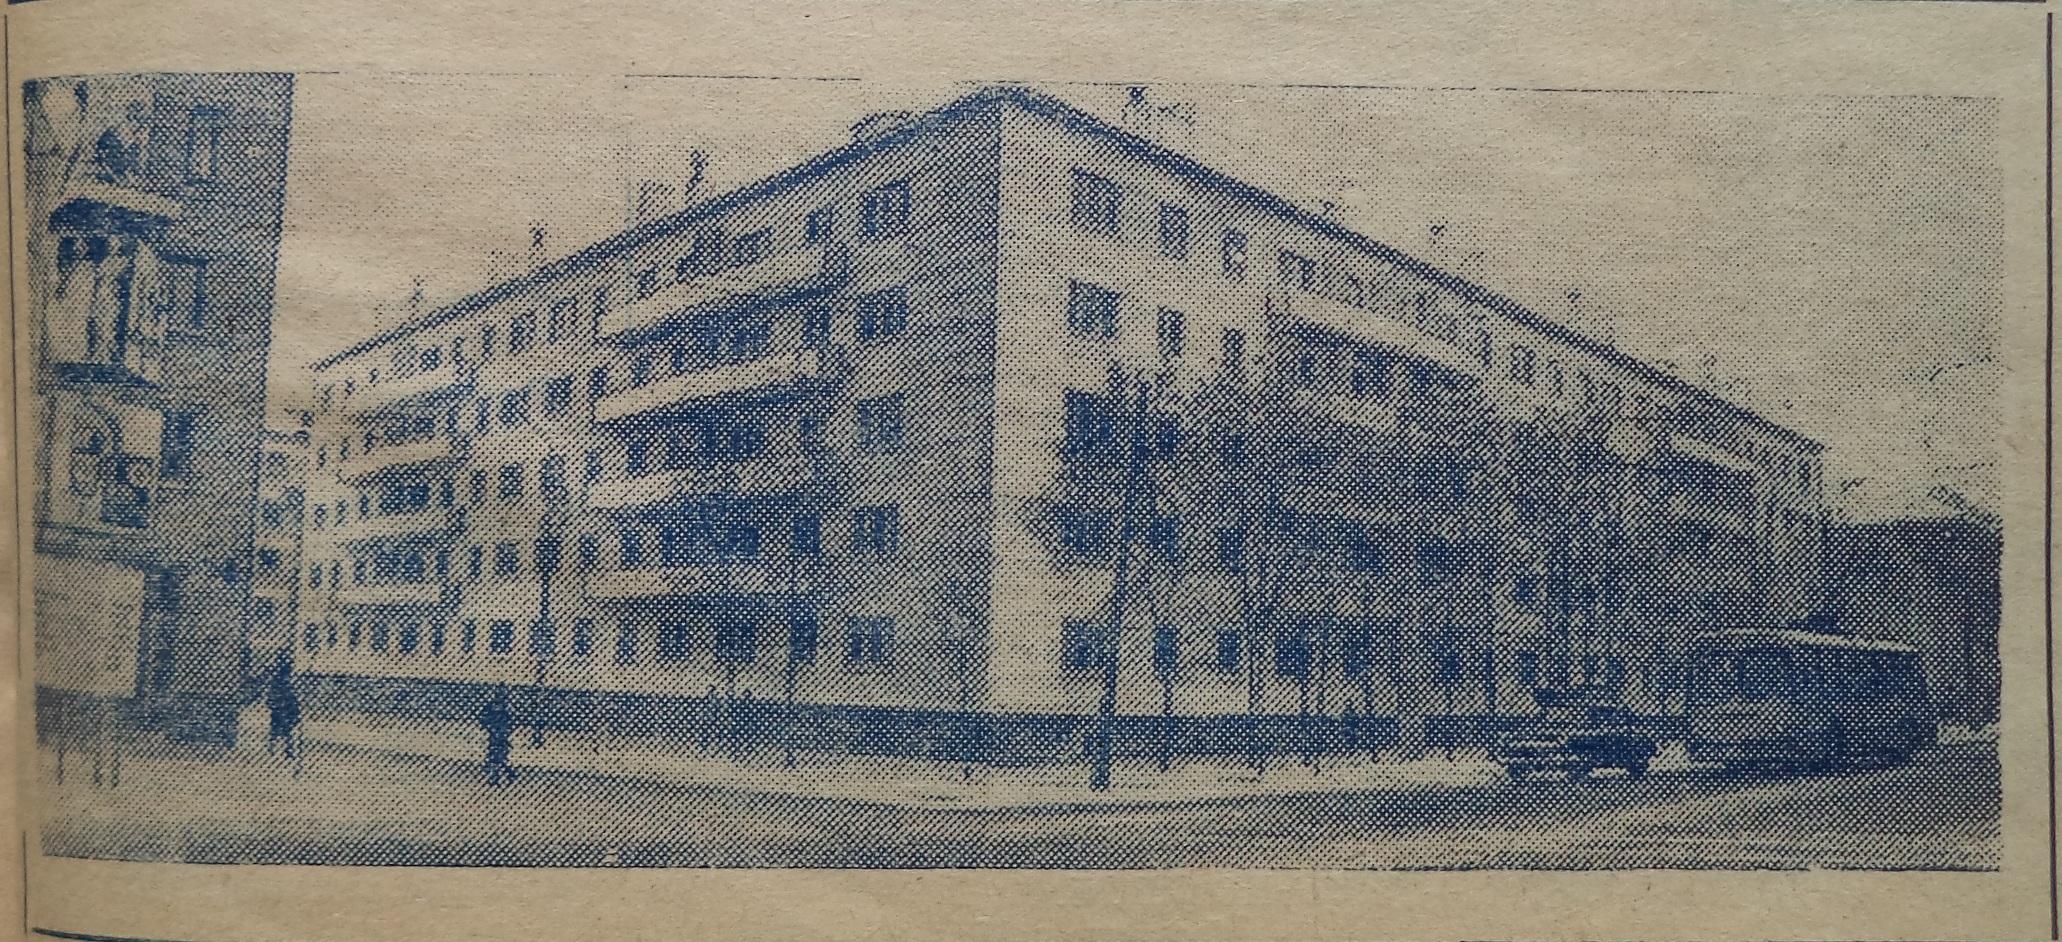 ФОТО-70-Металлургов-Заводская жизнь-1970-30 декабря